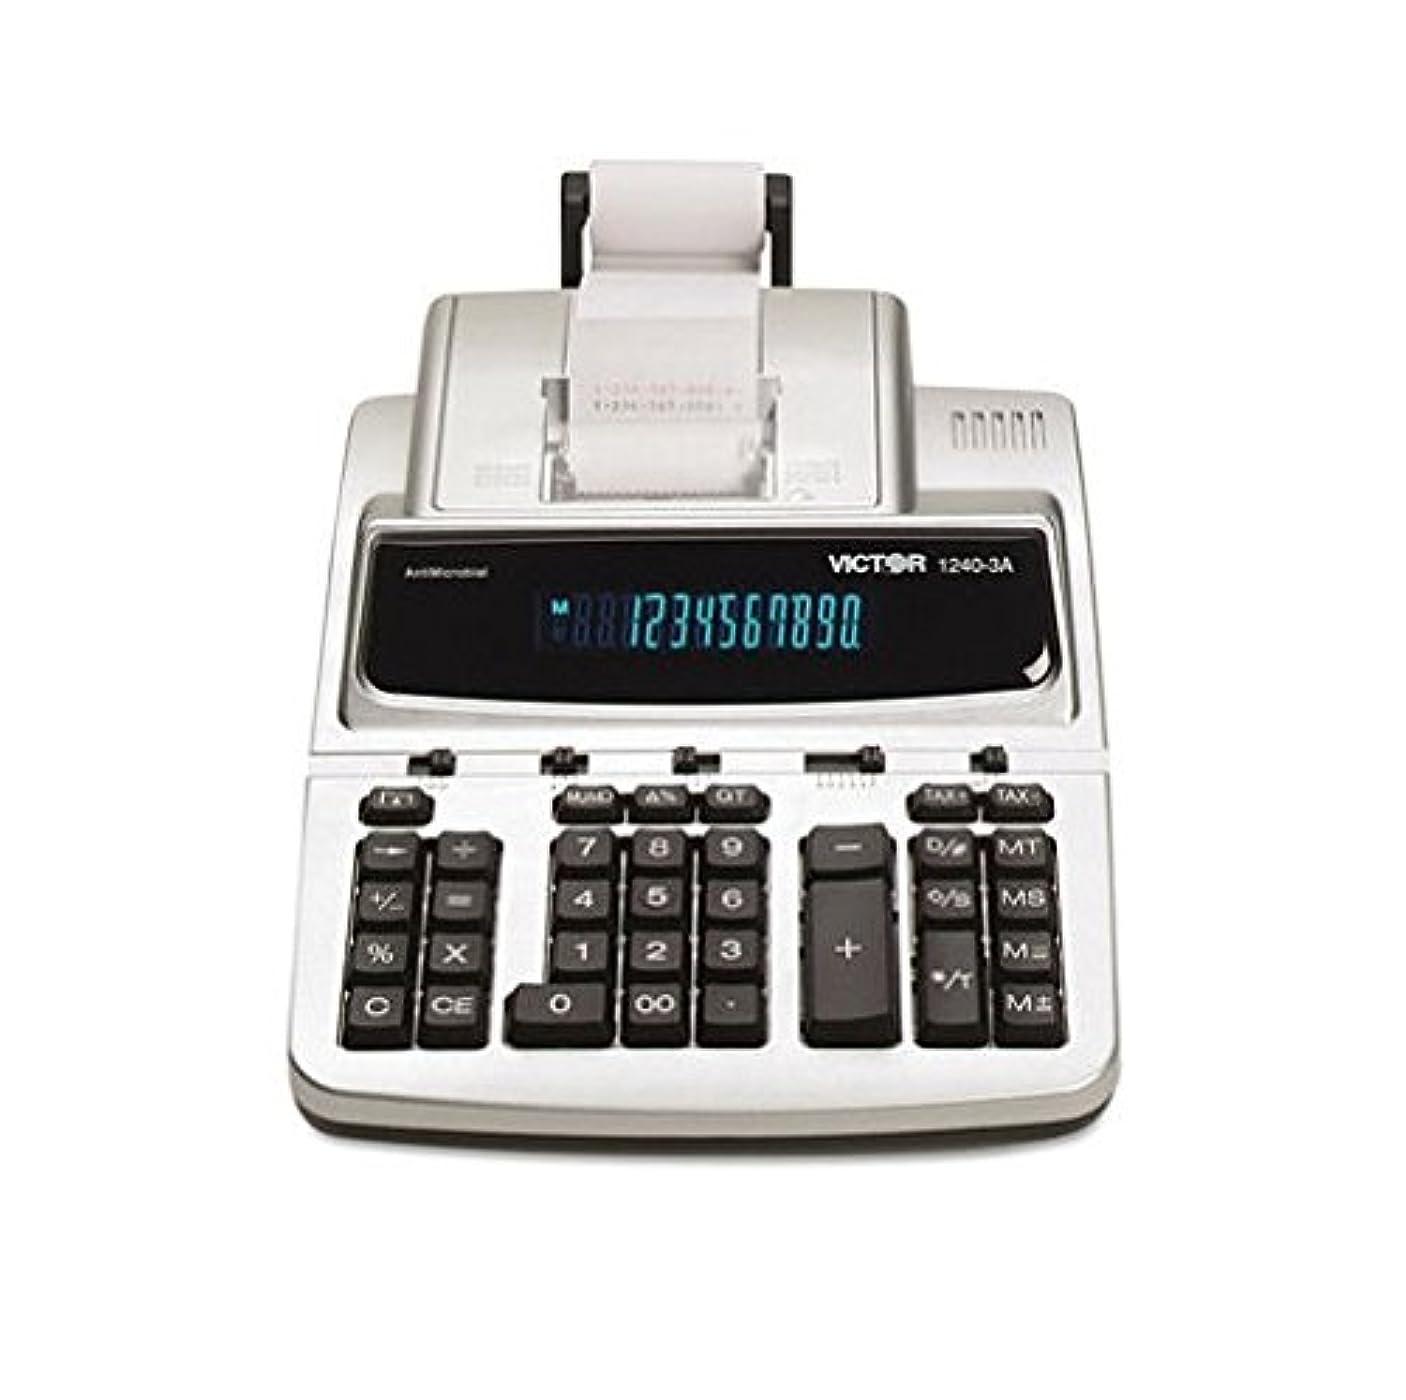 メタルライン領収書スケジュールVictor 11803A 12-Digit Desktop Calculator by VICTOR TECHNOLOGIES [並行輸入品]